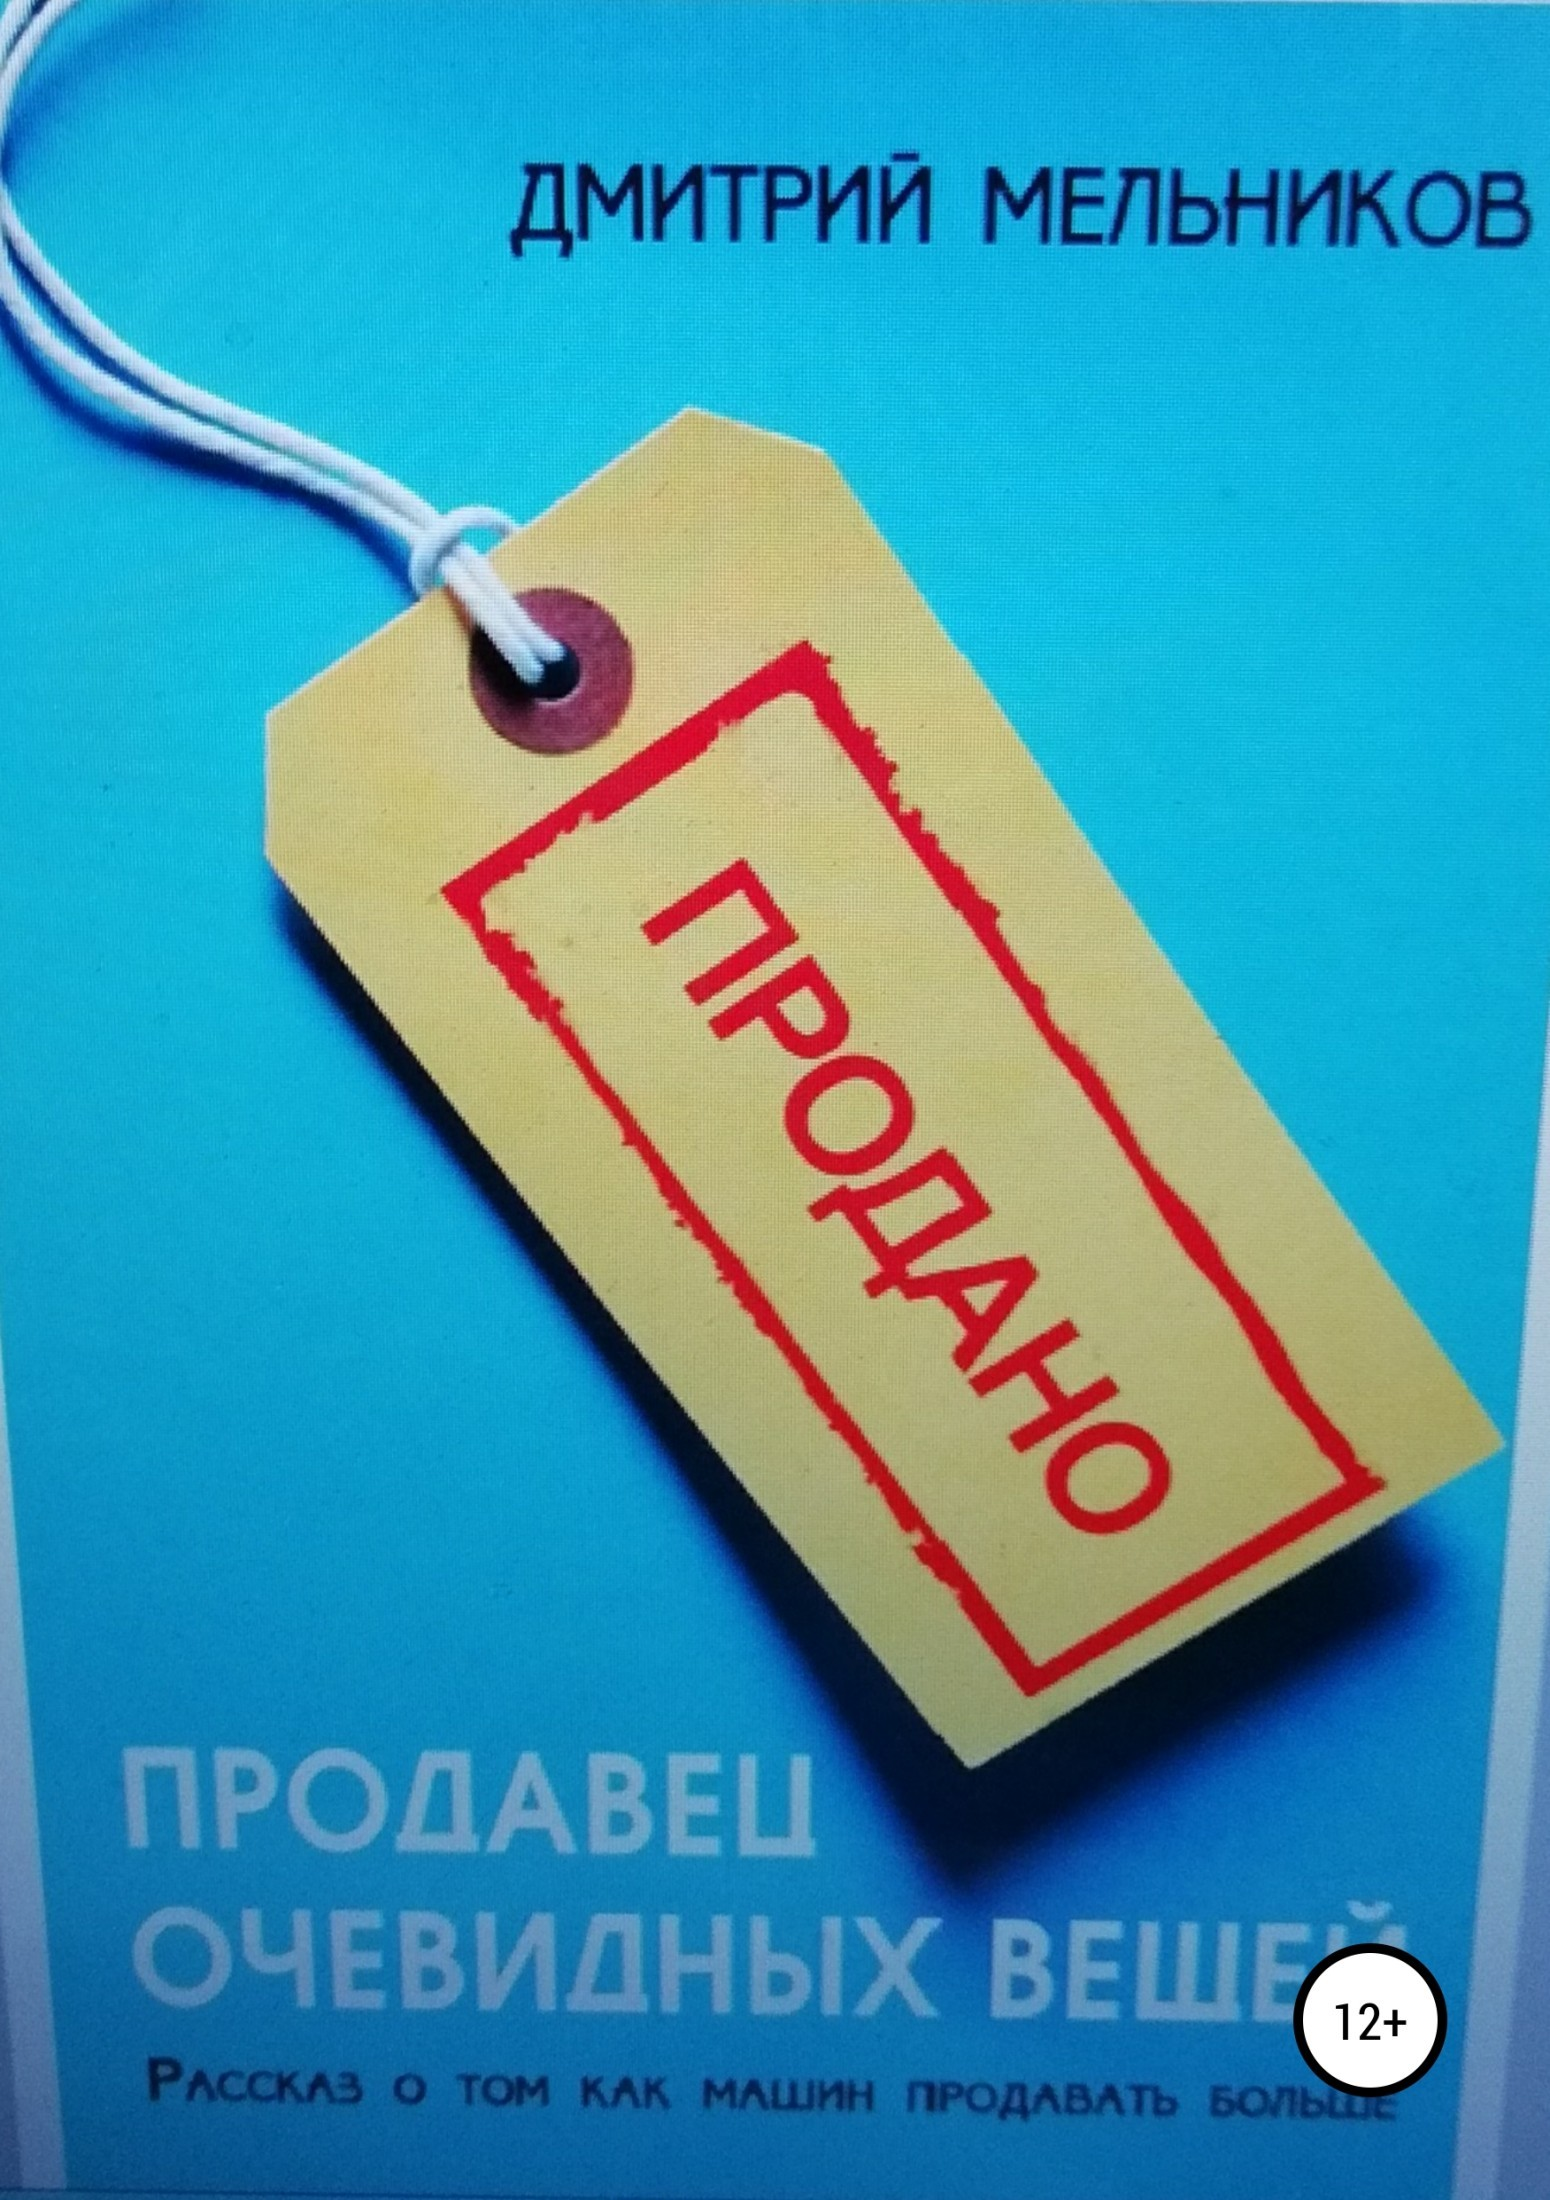 Обложка книги. Автор - Дмитрий Мельников